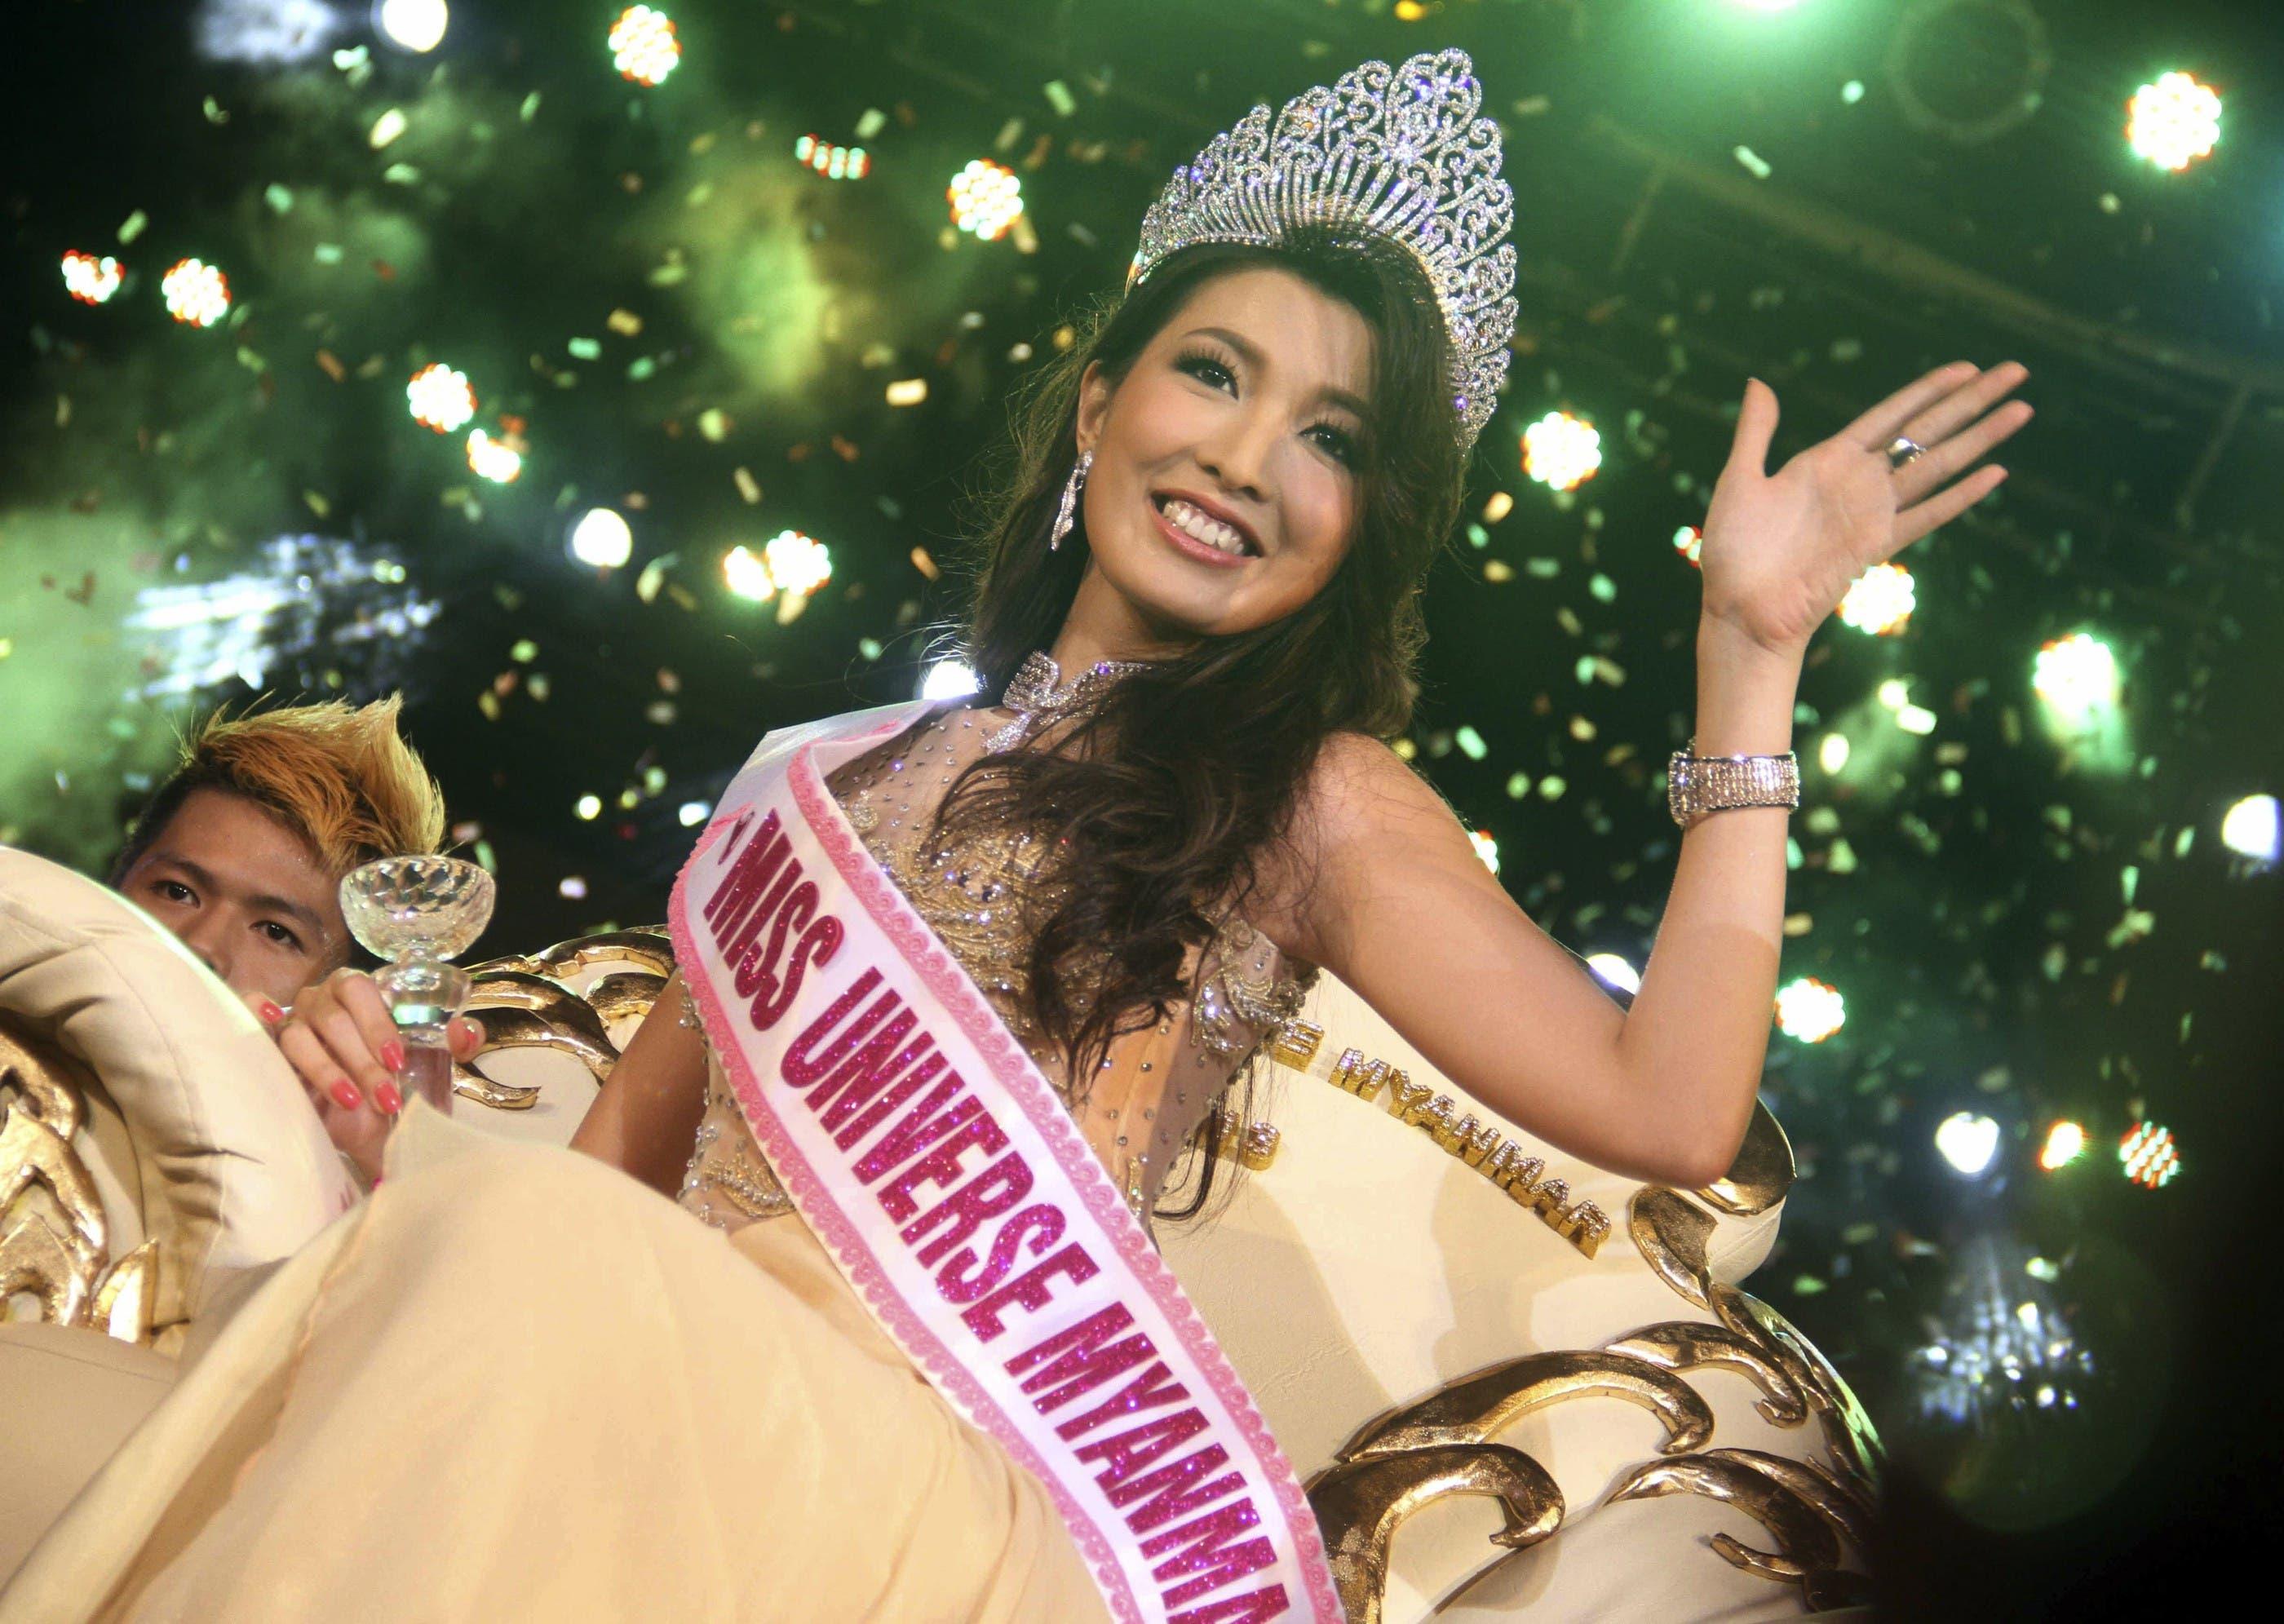 Die 25-jährige Moe Set Wine gewann: Erstmals seit einem halben Jahrhundert ist in Burma wieder eine Bewerberin für den Miss-Universe-Wettbewerb gekürt worden